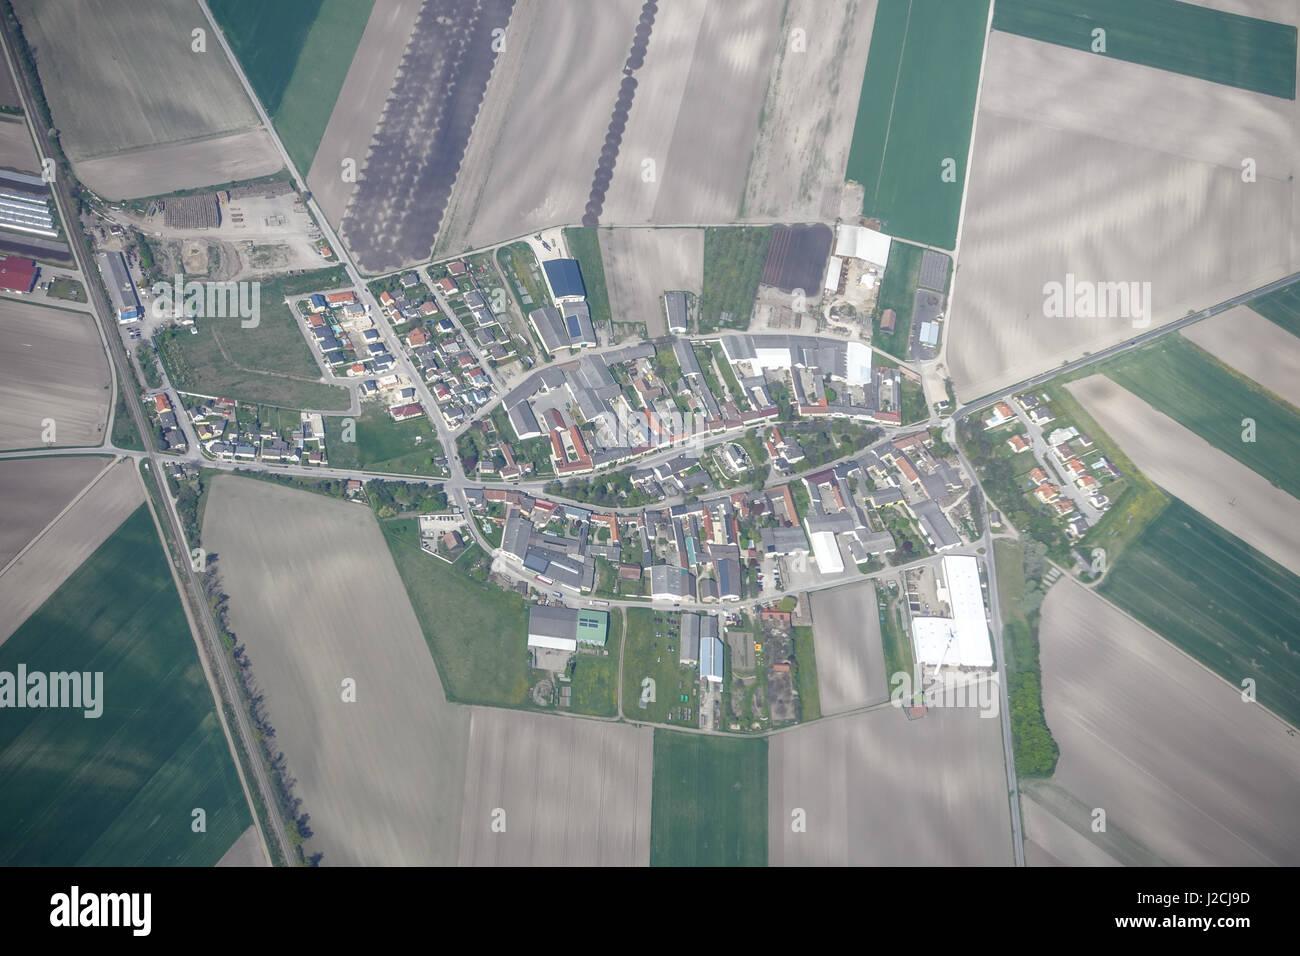 Glinzendorf, Luftbild - Stock Image